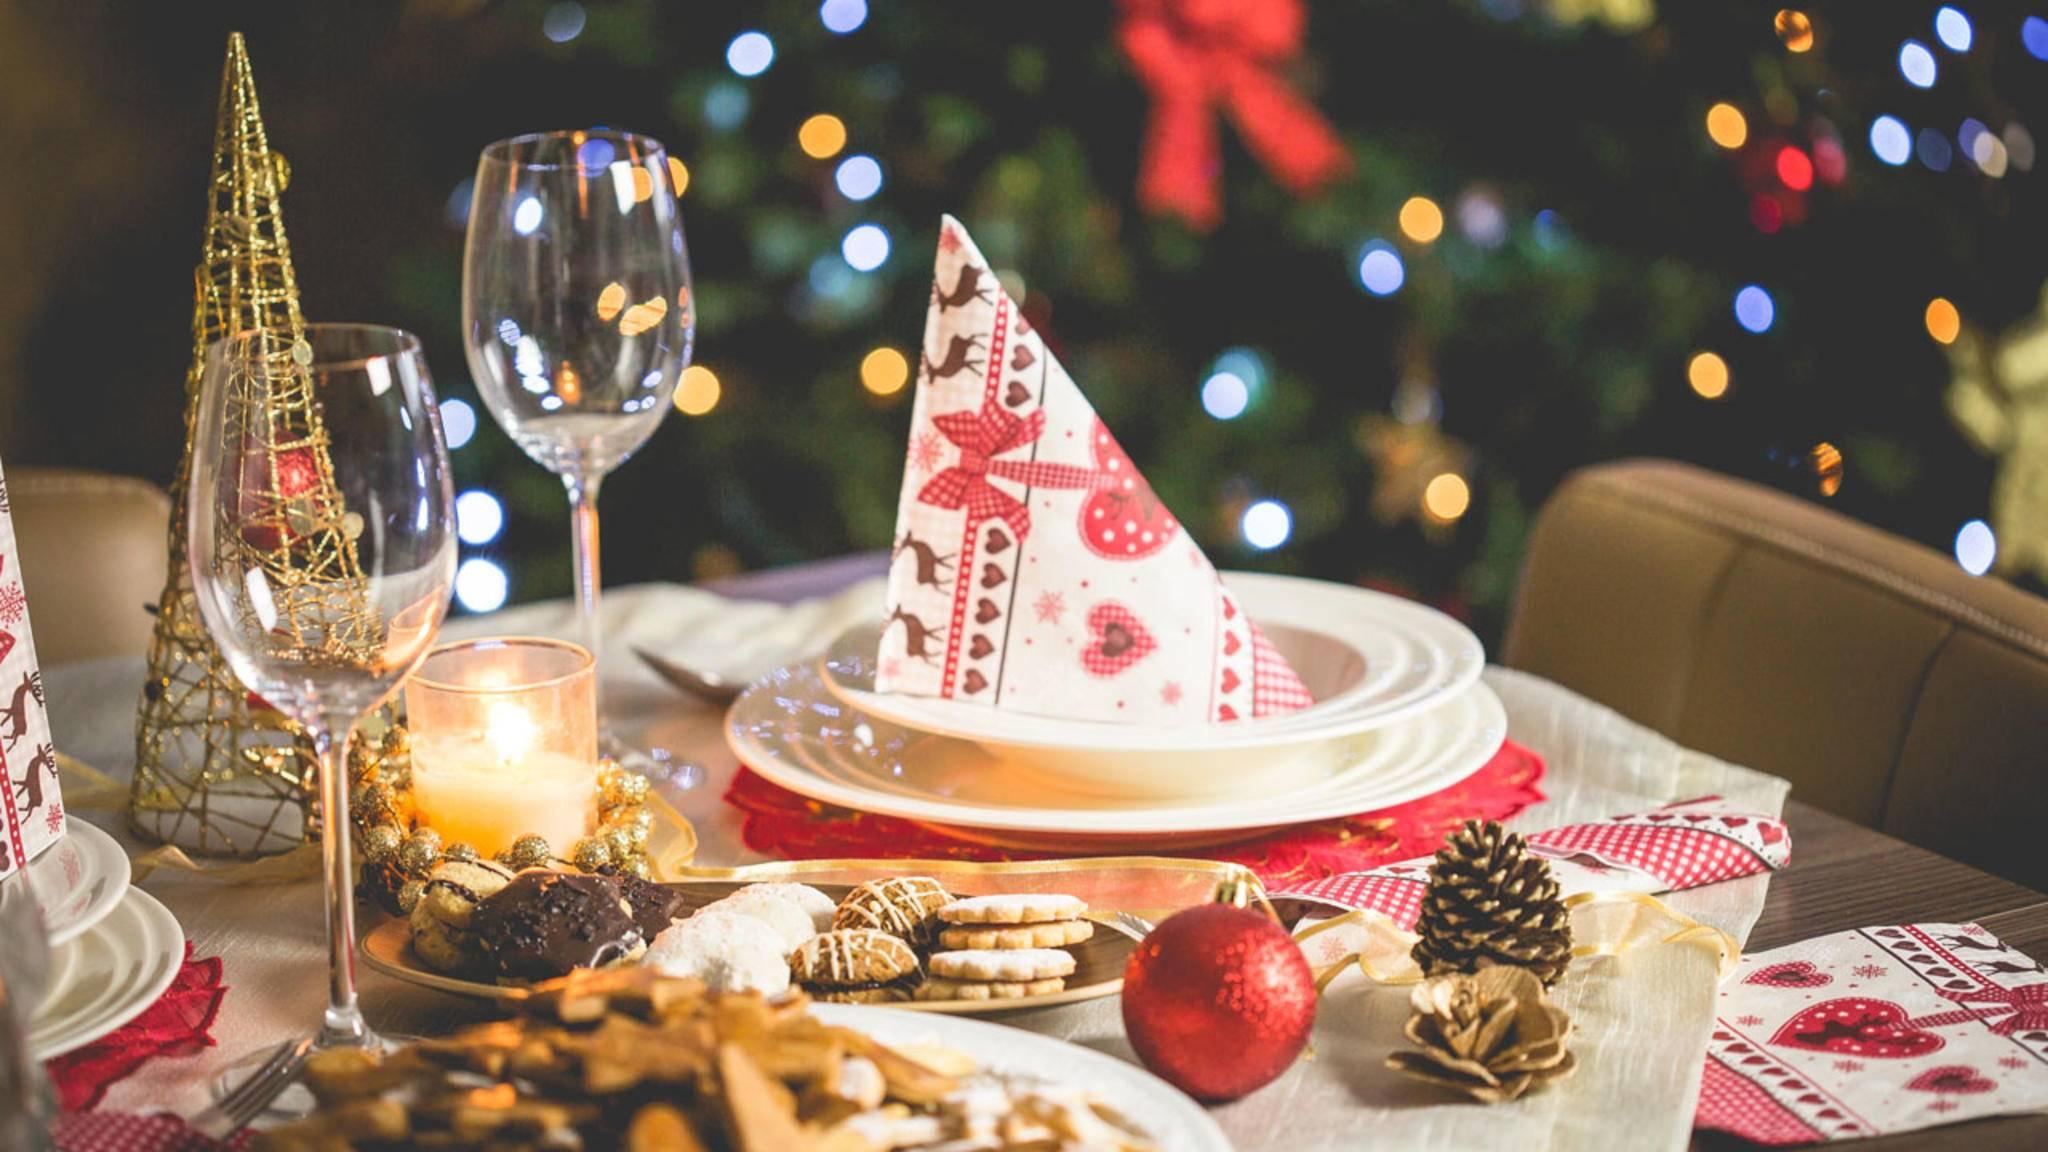 Was da wohl Leckeres auf den Tisch kommt? Ein paar Ideen fürs Weihnachtsessen hätten wir – und auch die passenden Küchengeräte dazu.